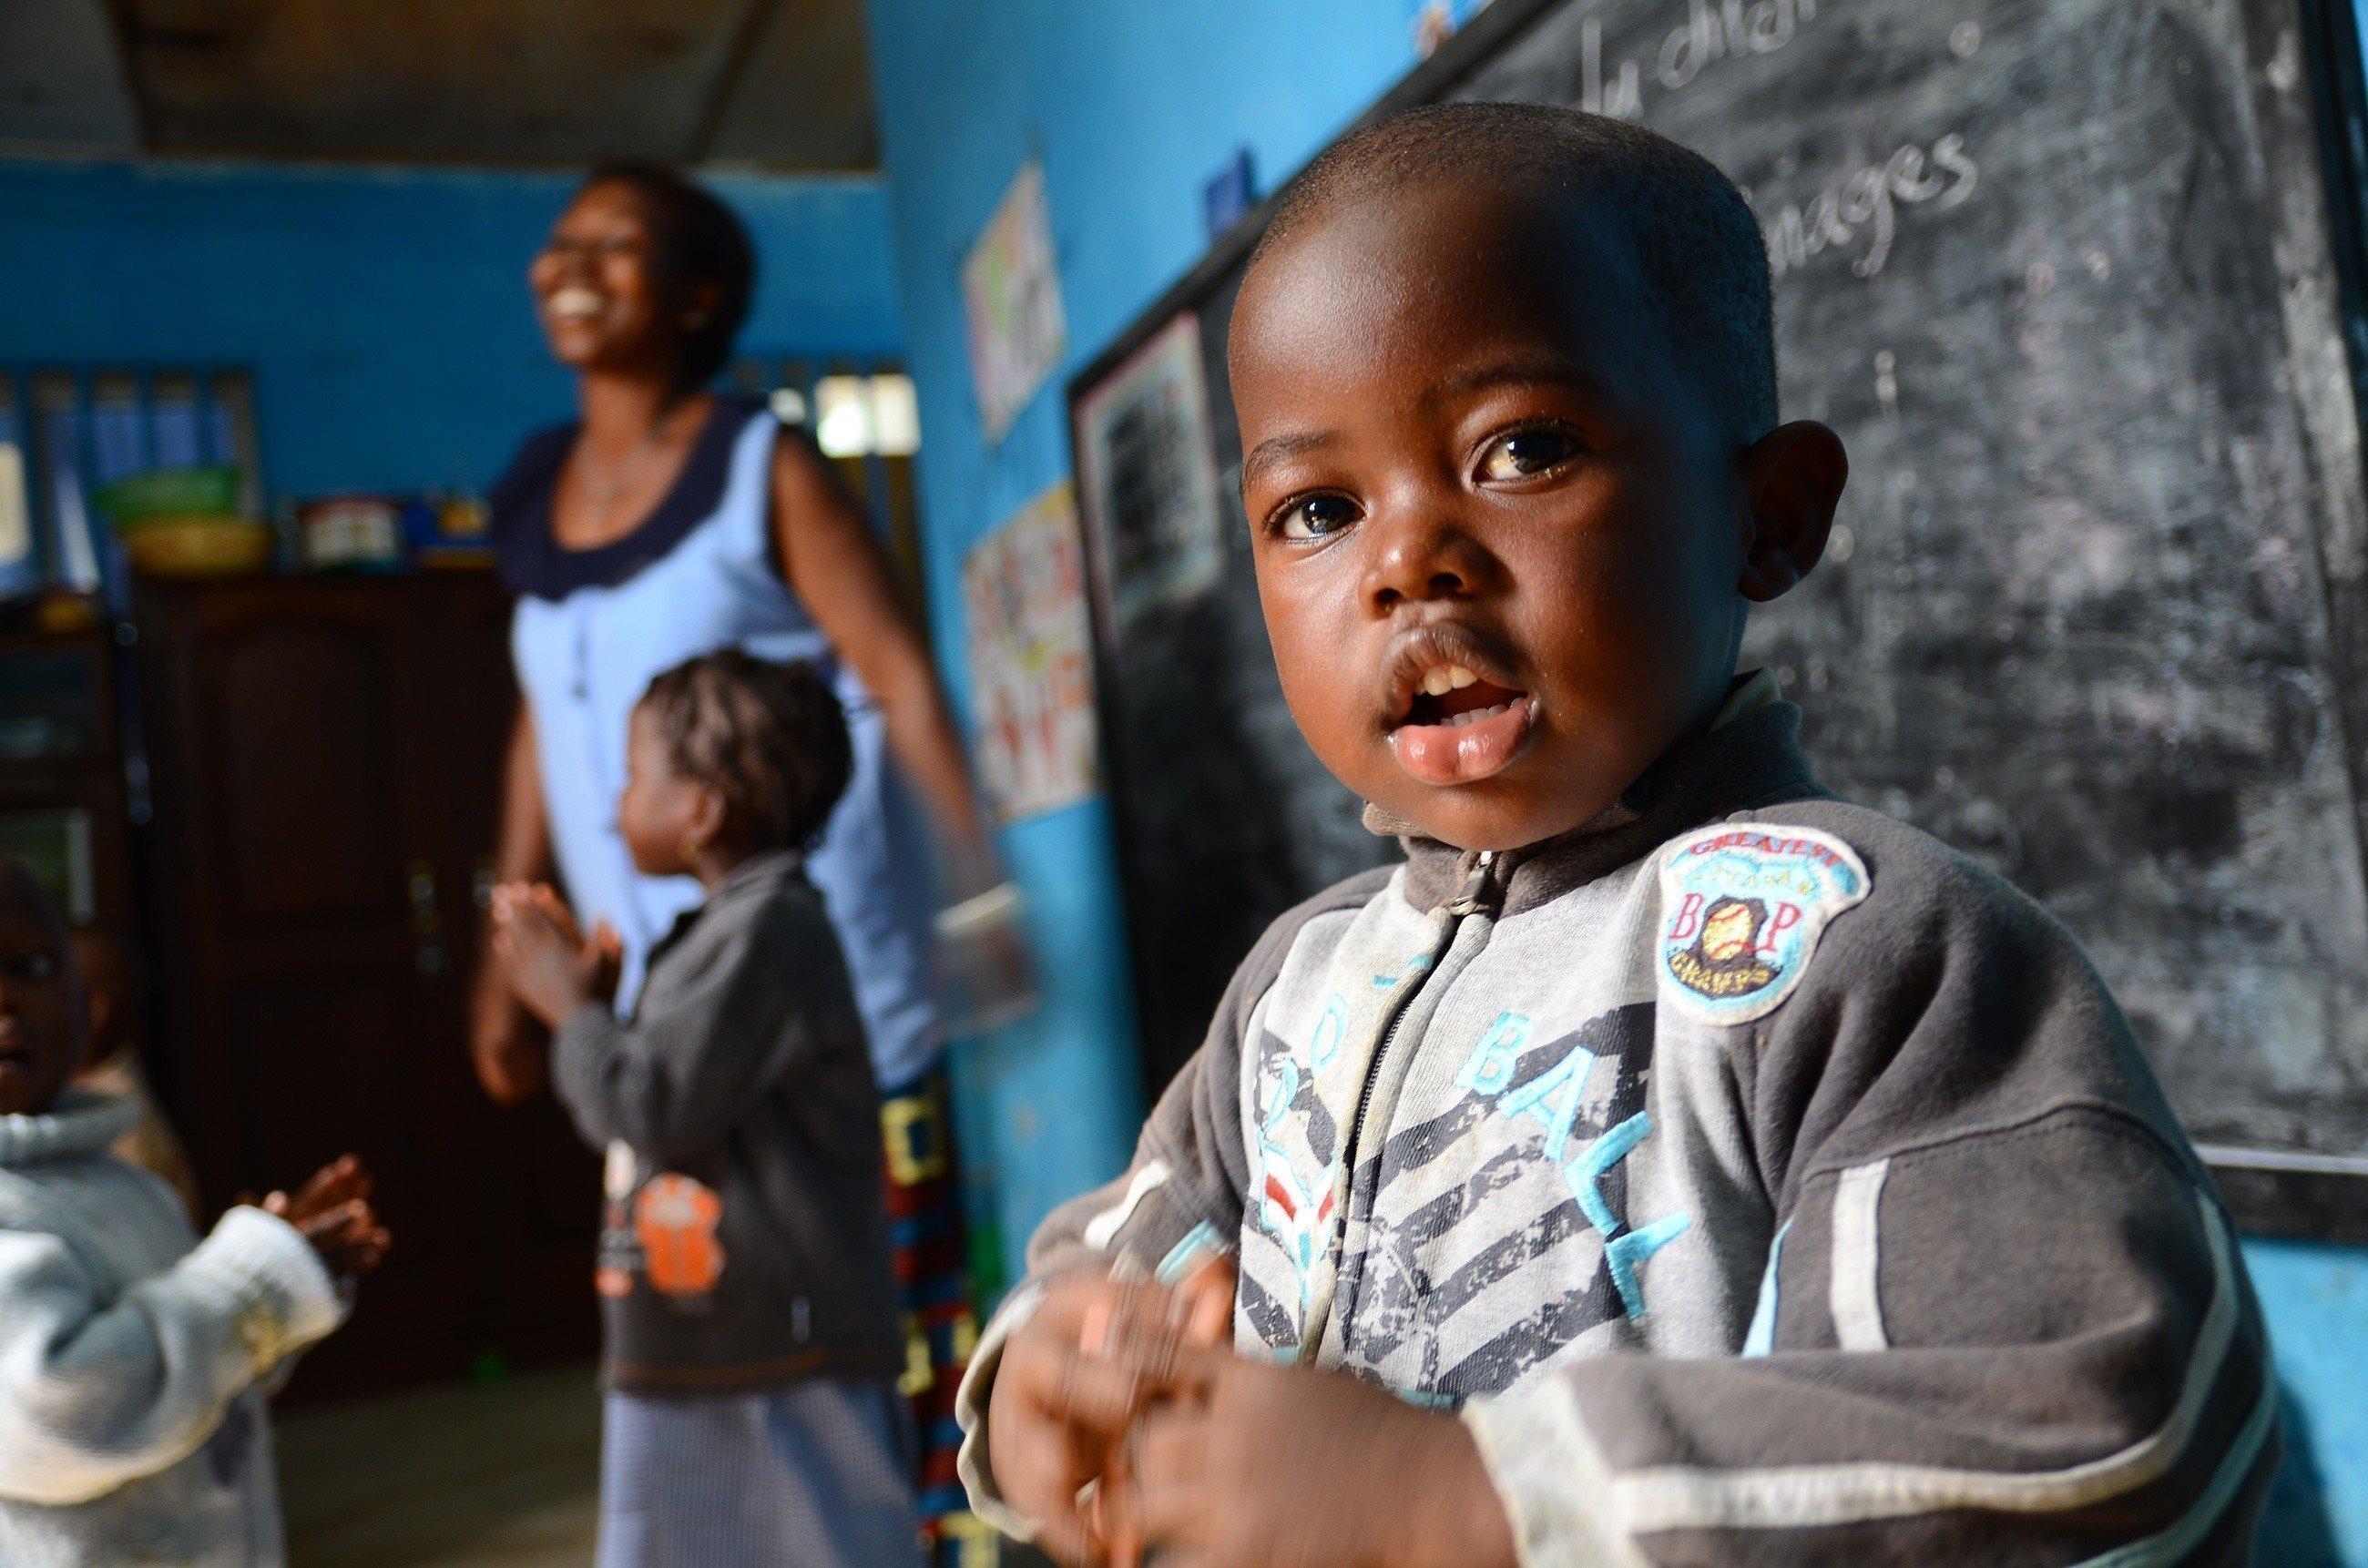 Un bambino sorridente a scuola.